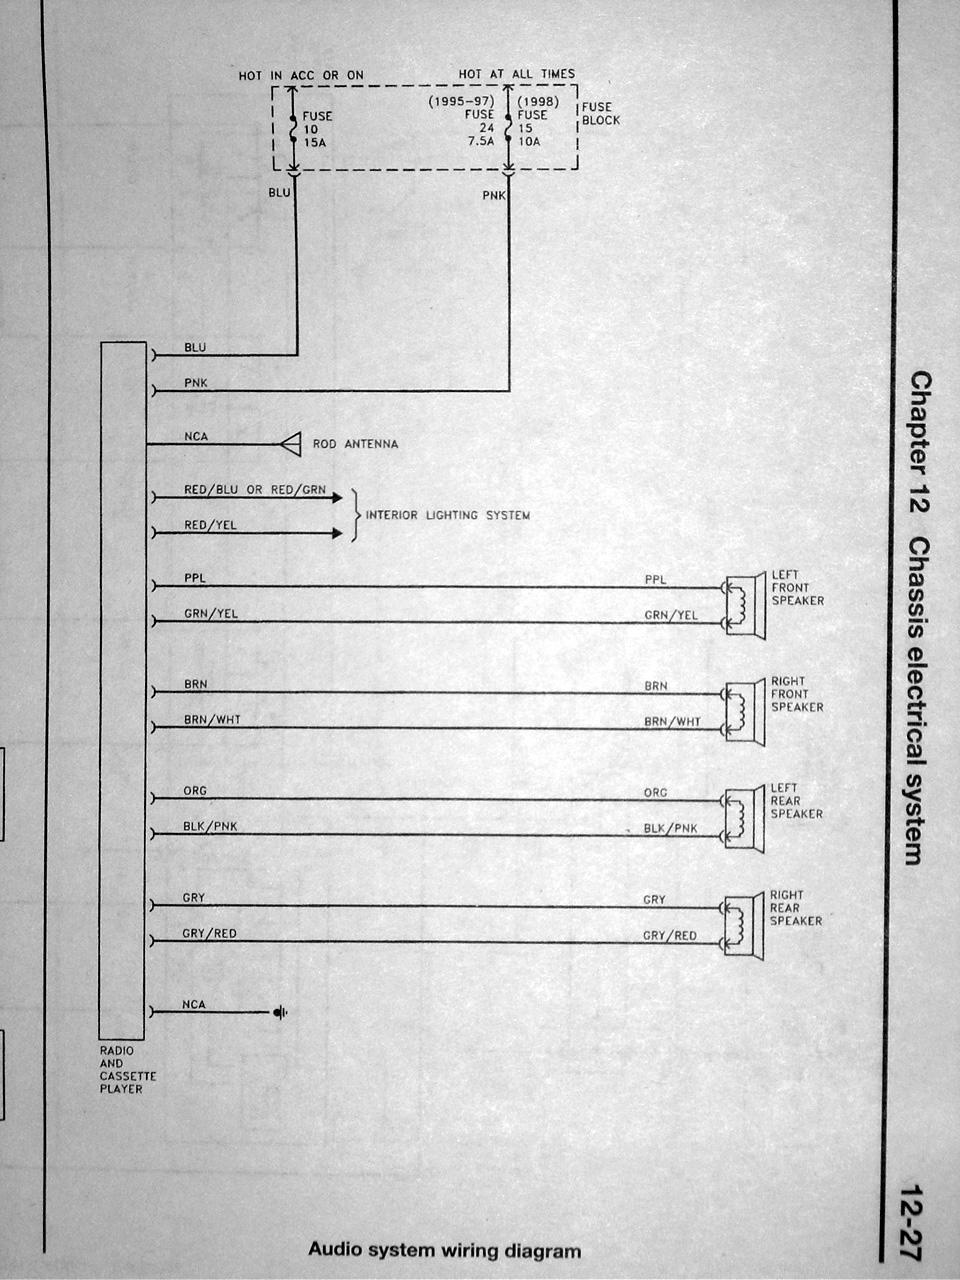 1998 Nissan Frontier Alternator Wiring Diagram : Nissan altima wiring diagram